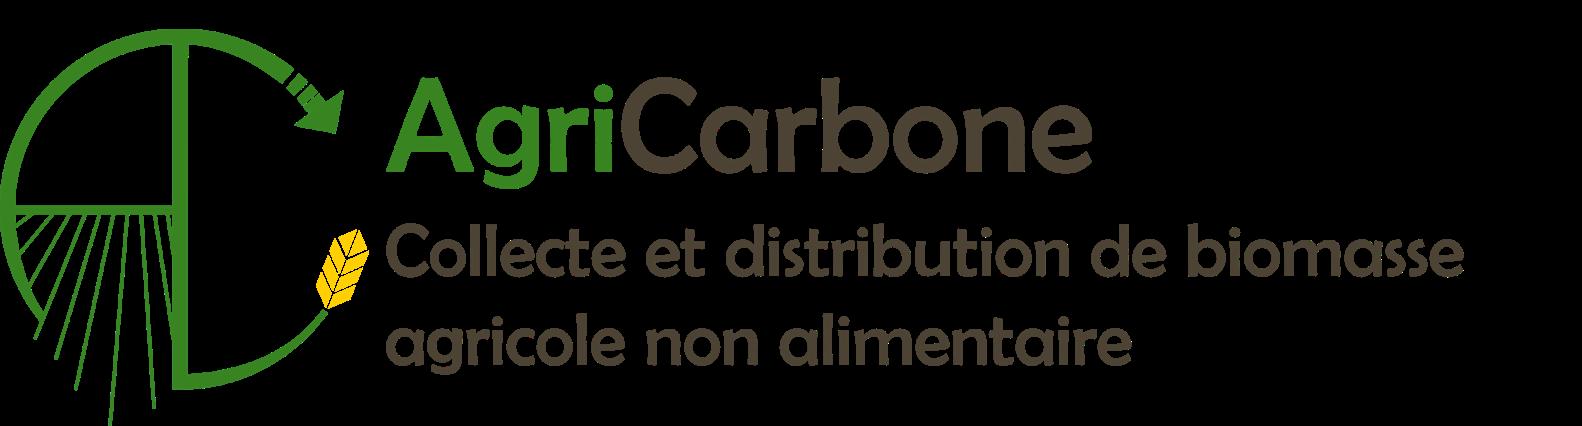 AgriCarbone : Négoce de biomasse agricole non alimentaire, valorisation des coproduits agricoles (pailles, menues-pailles, rafles, CIVE, cultures intermédiaires, issues de silo, anas de lin)